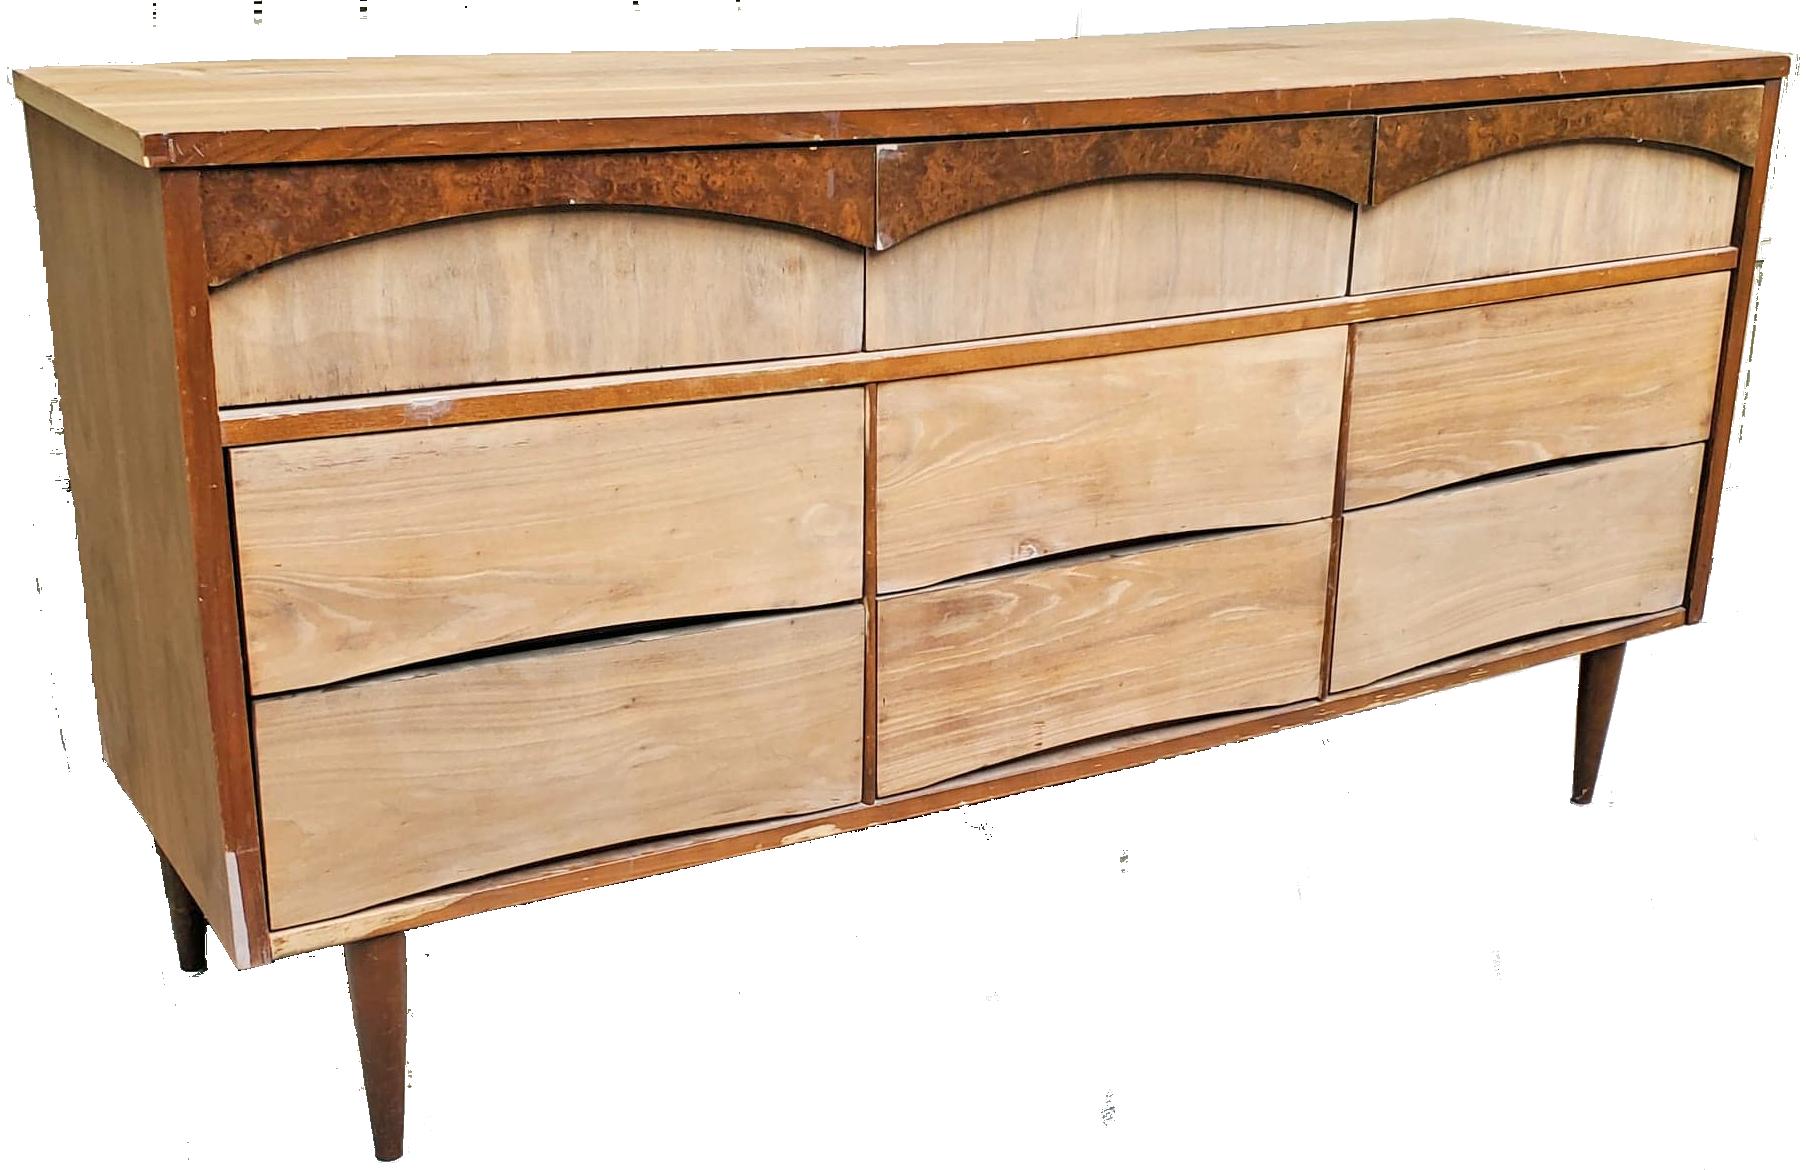 We Buy Vintage Furniture in Need of Restoration